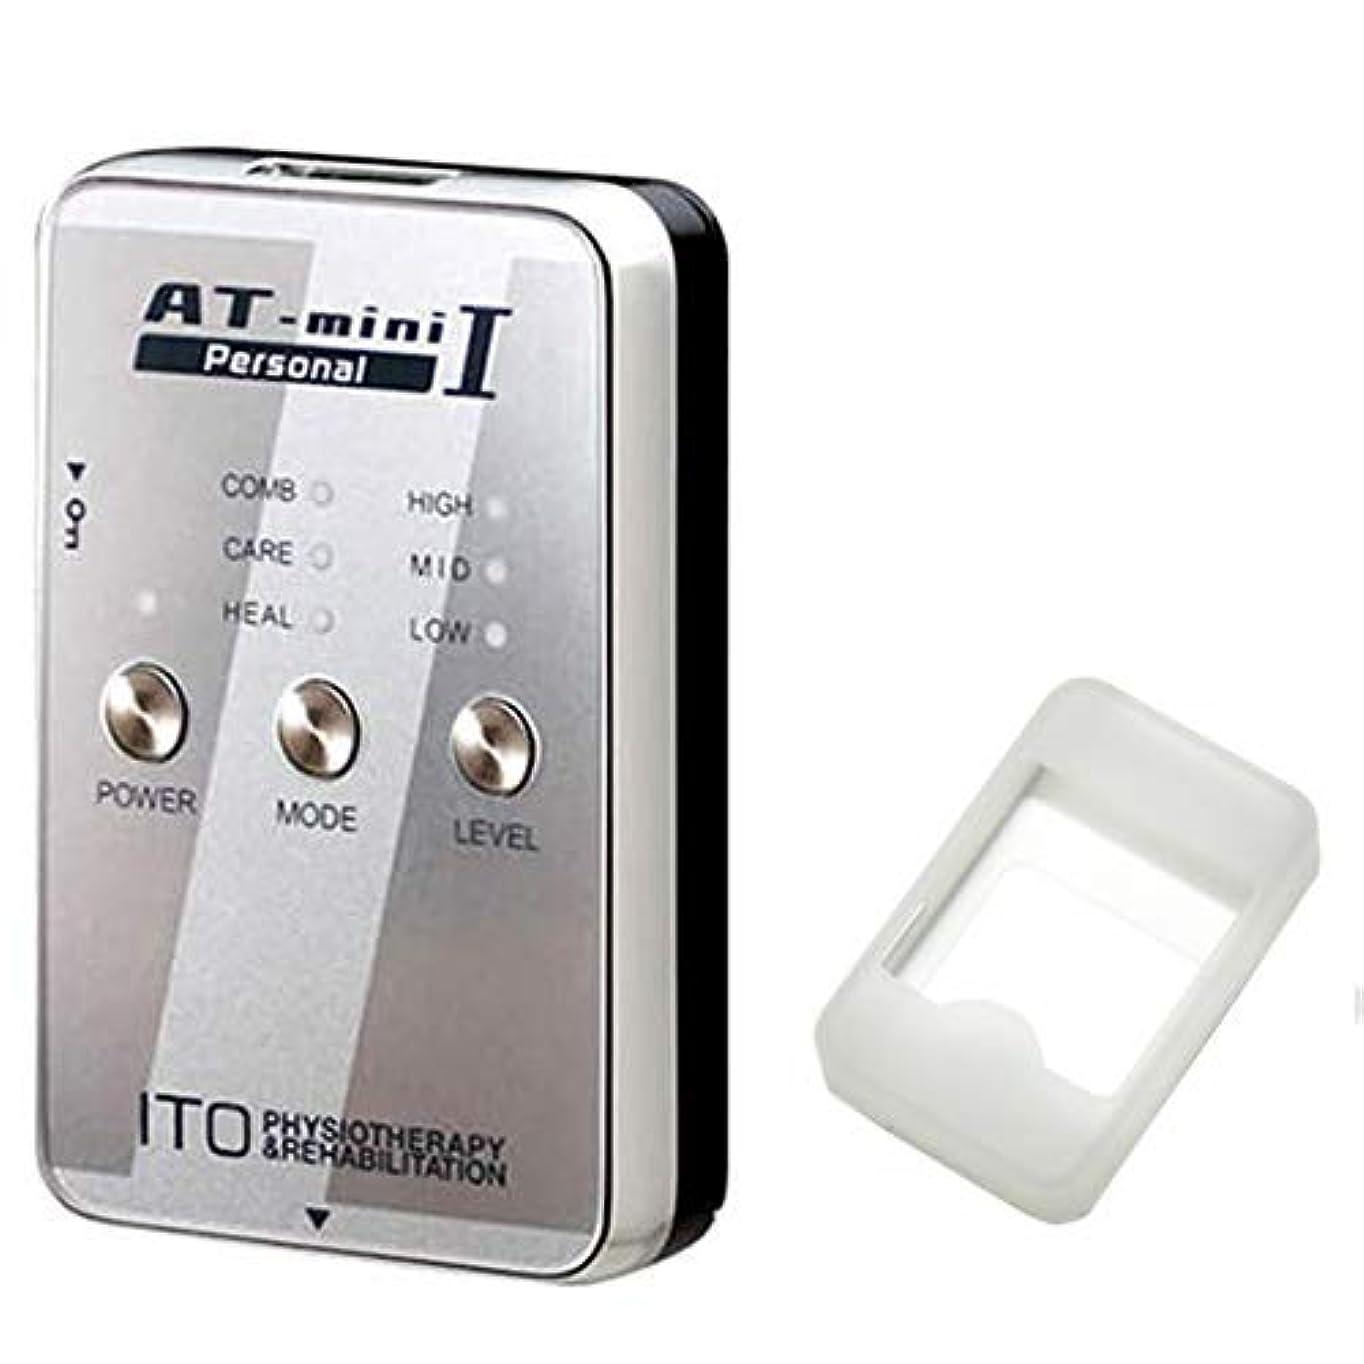 グラフィック編集者三番低周波治療器 AT-mini personal I シルバー (ATミニパーソナル1) + シリコン保護ケース